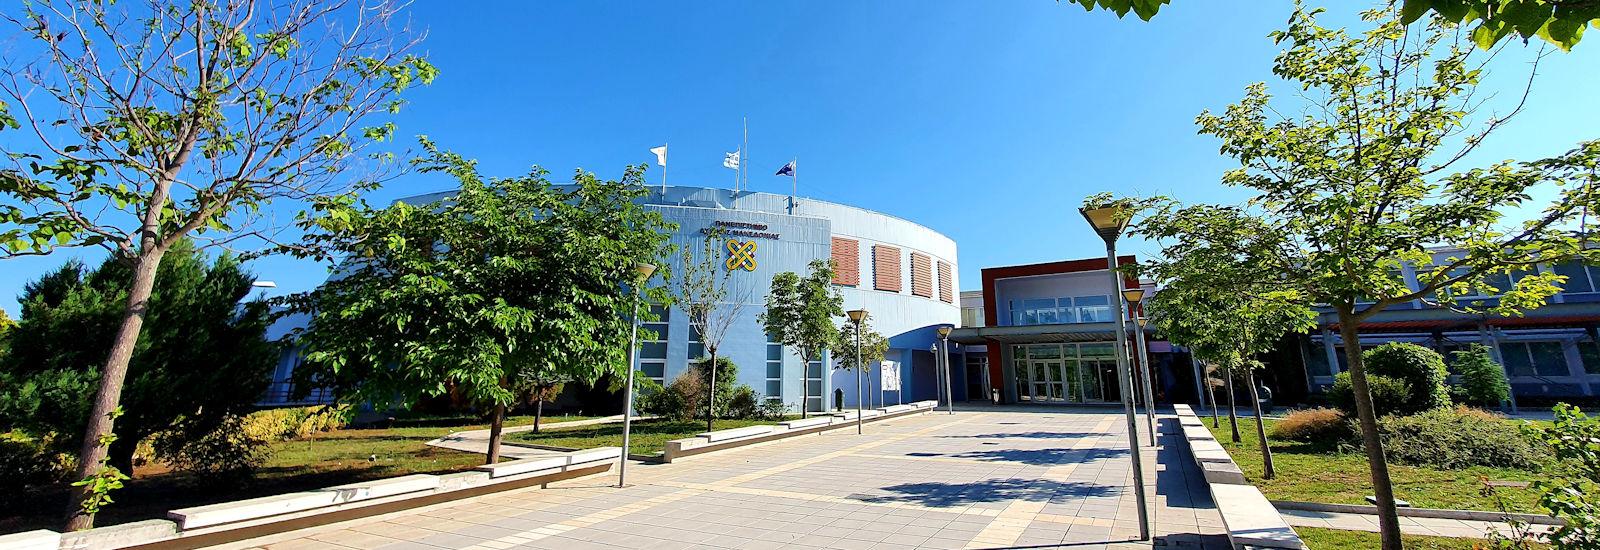 Και τα εργαστήρια εξ αποστάσεως στο Πανεπιστήμιο Δυτικής Μακεδονίας